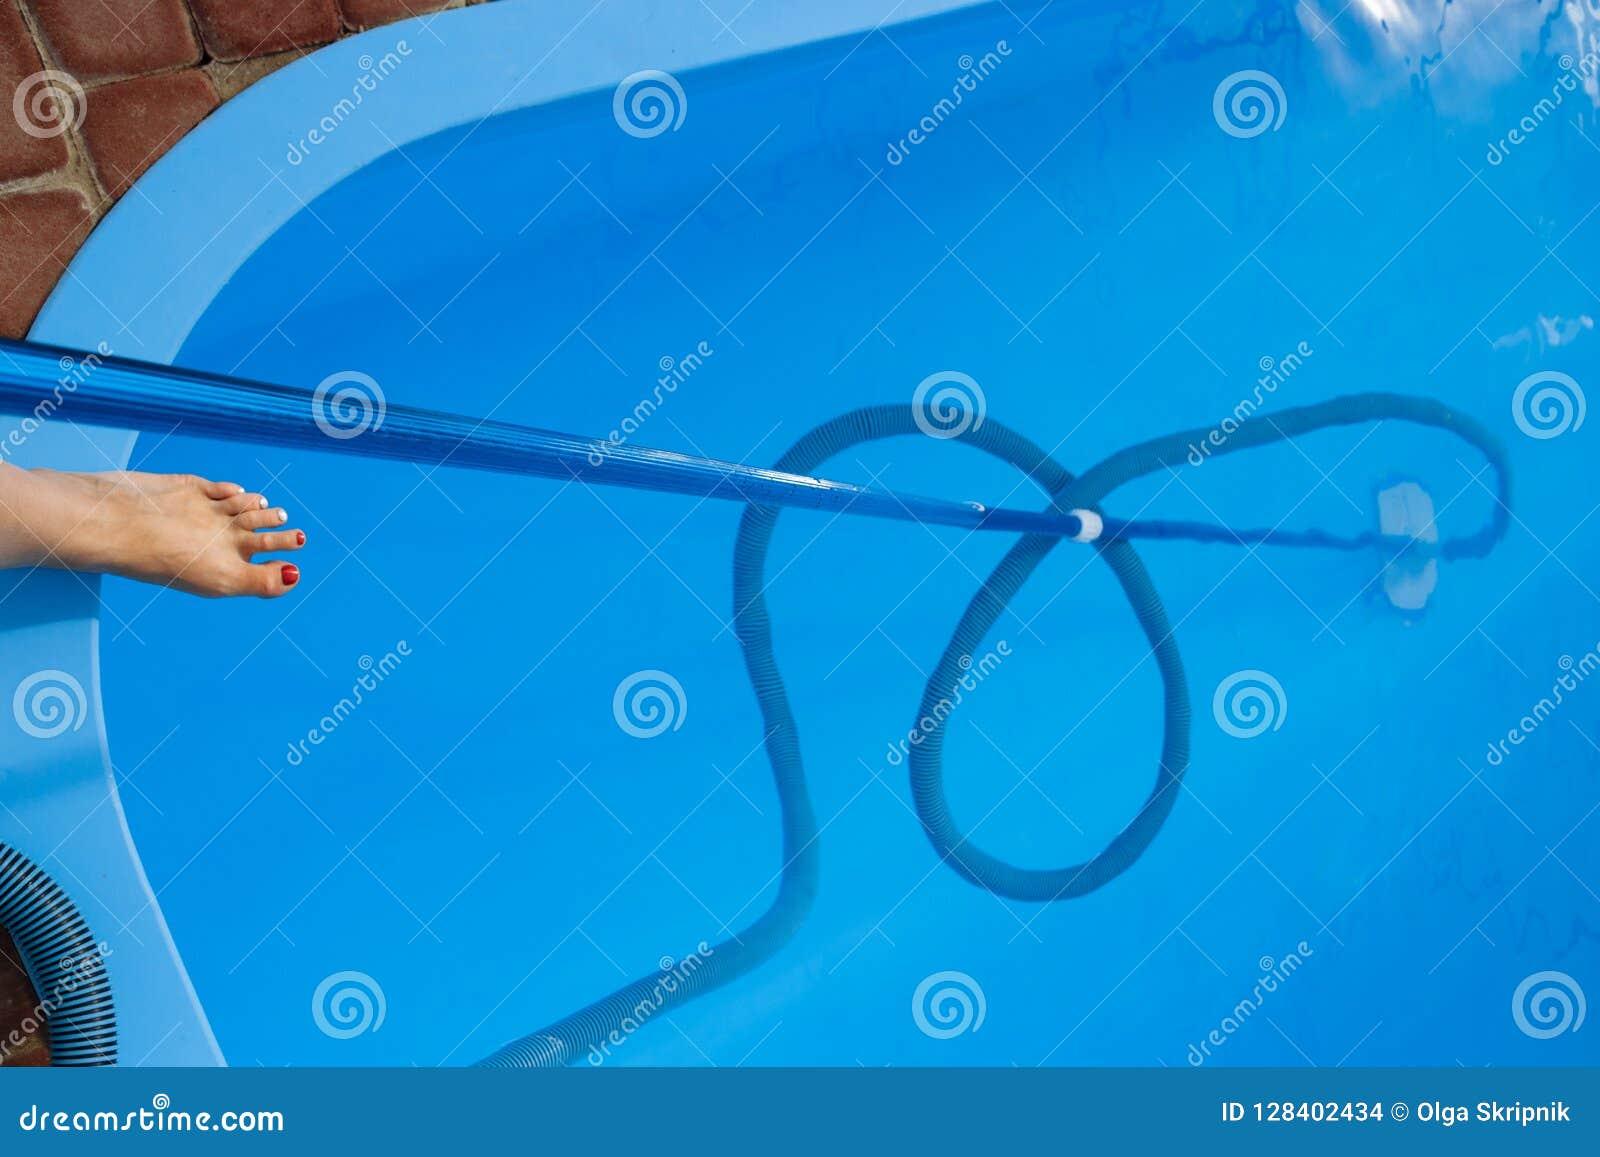 El aspirador para la piscina, limpia y cuida para la parte inferior de la piscina recoja, absorba la basura y la suciedad toma au